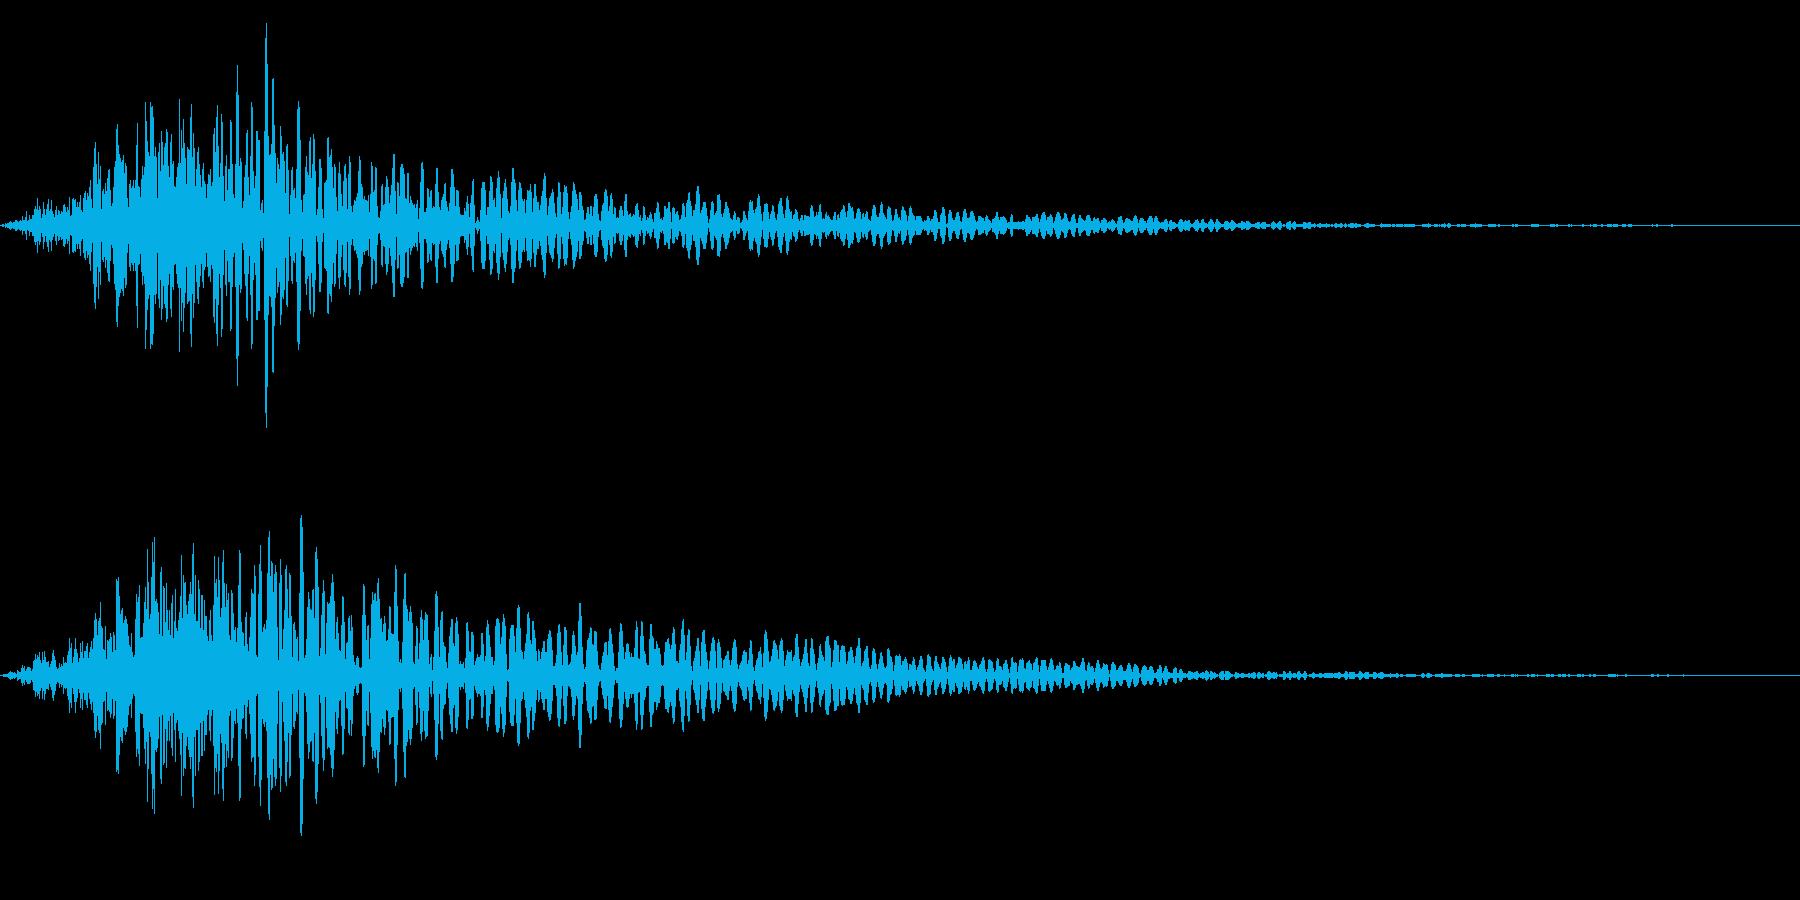 ホラー系アタック音104の再生済みの波形